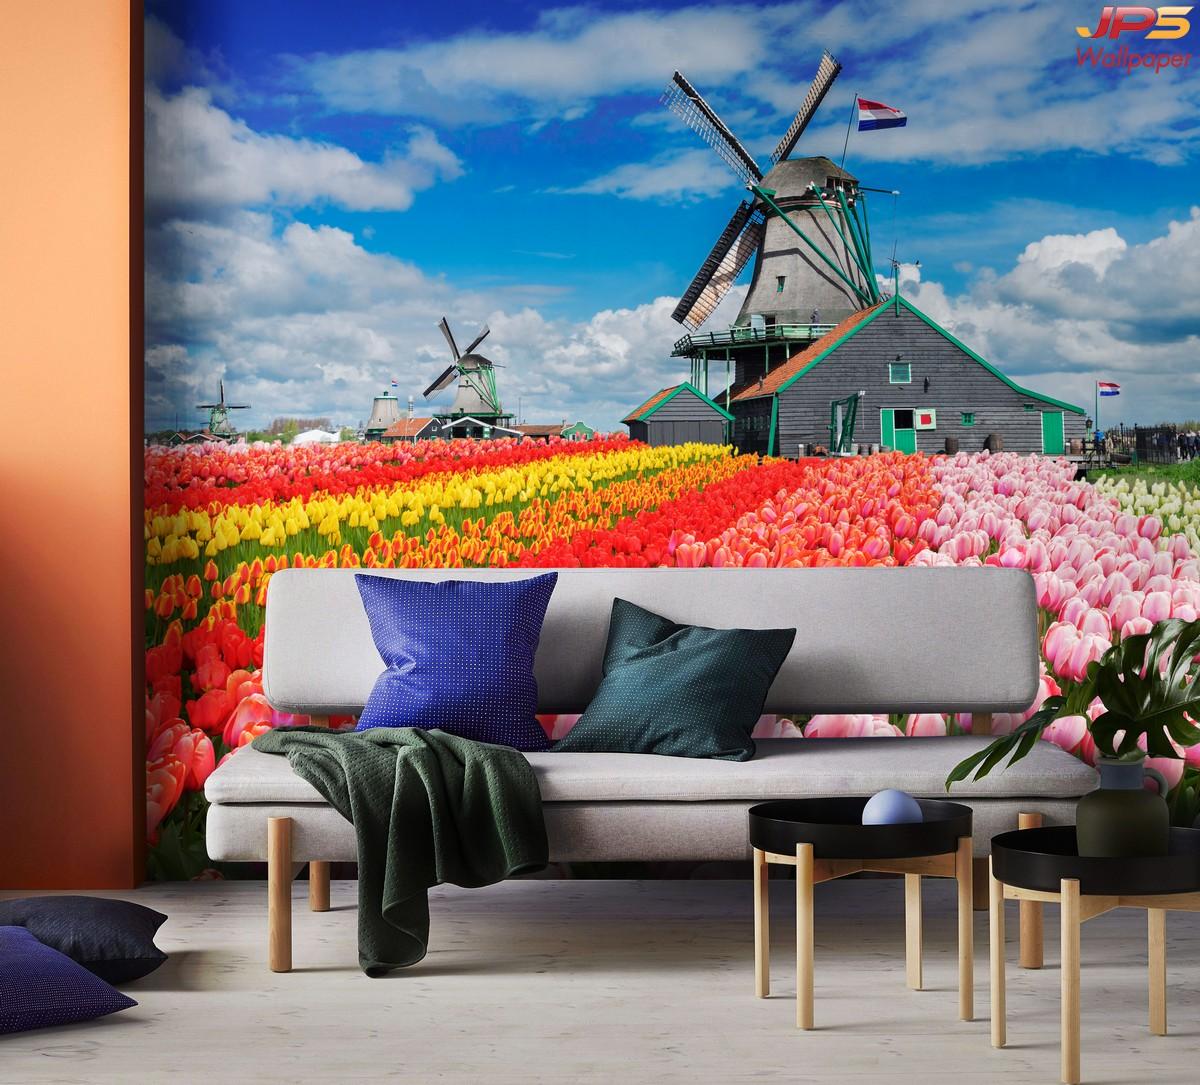 วอลเปเปอร์ลายธรรมชาติดอกไม้ ตกแต่งห้องนั่งเล่น วอลเปเปอร์ห้องนั่งเล่น